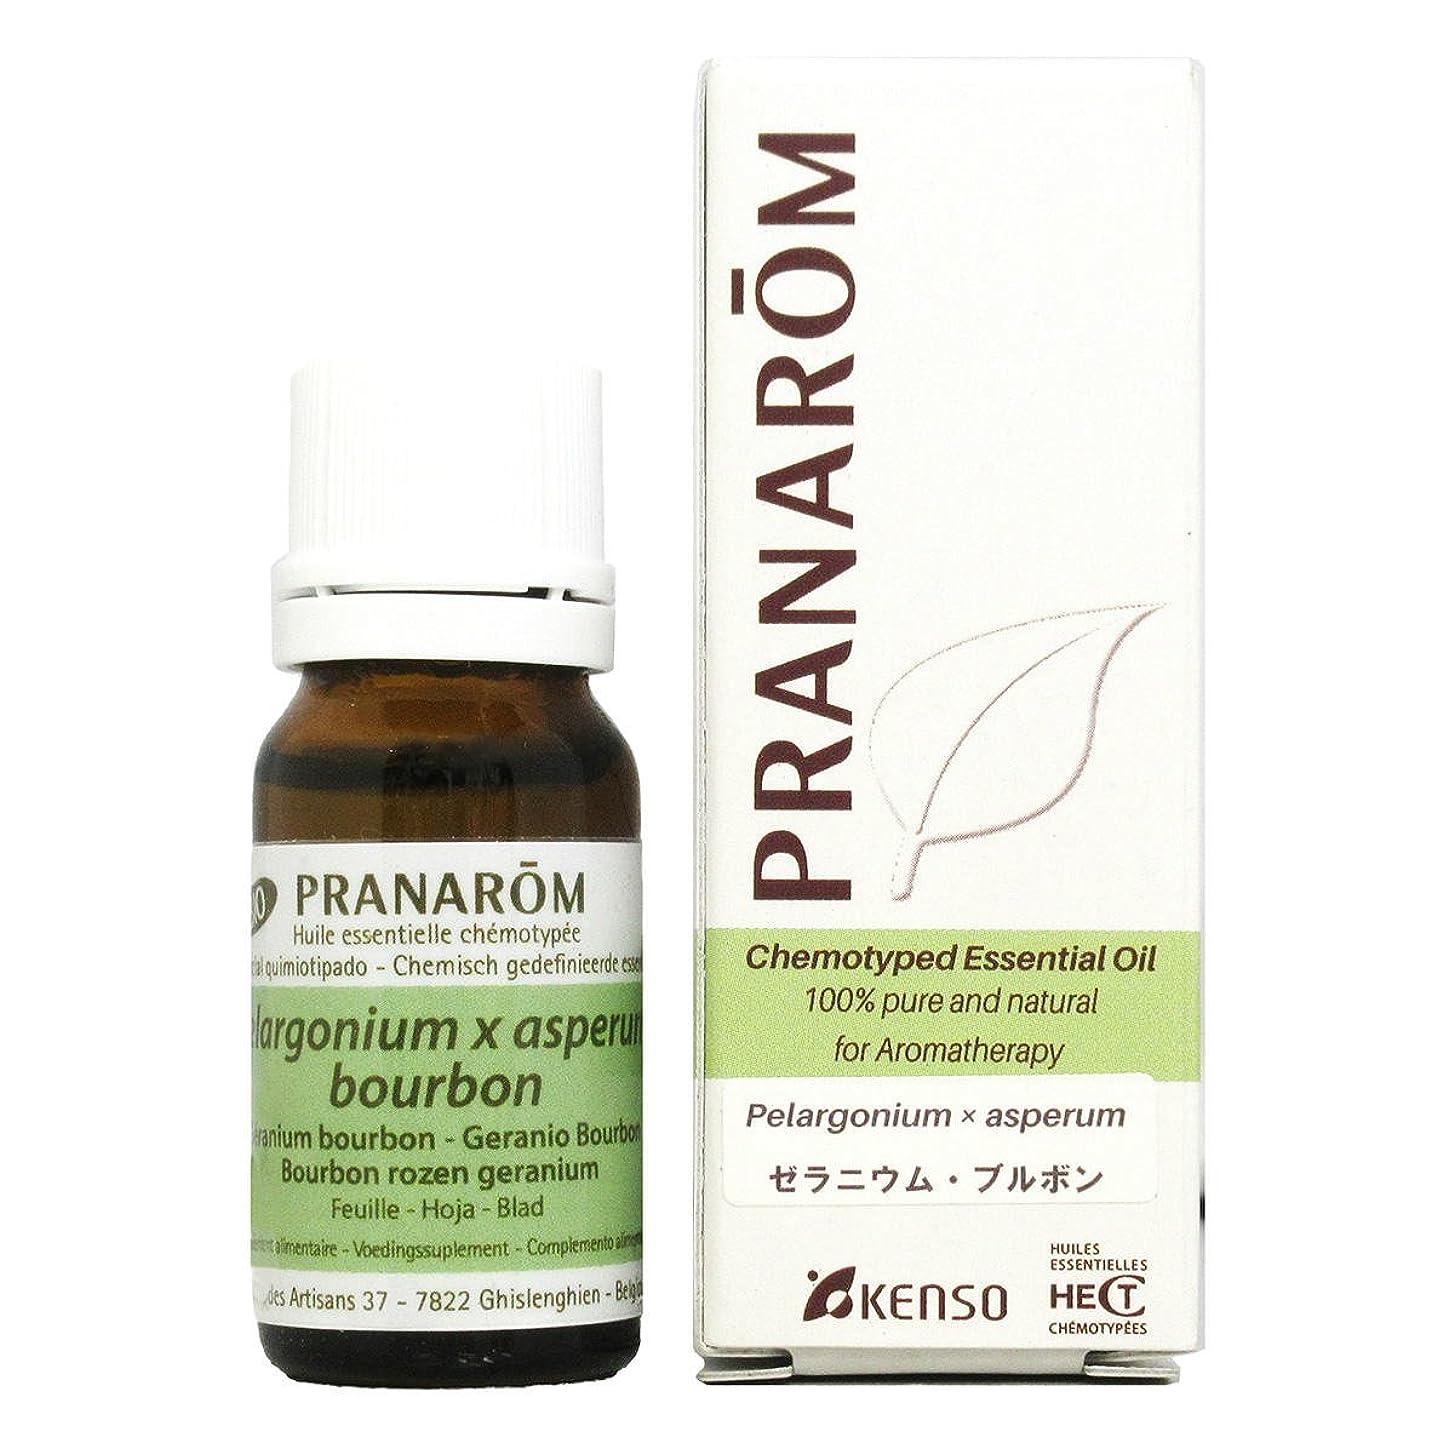 満了興味クラシカルプラナロム ゼラニウムブルボン 10ml (PRANAROM ケモタイプ精油)